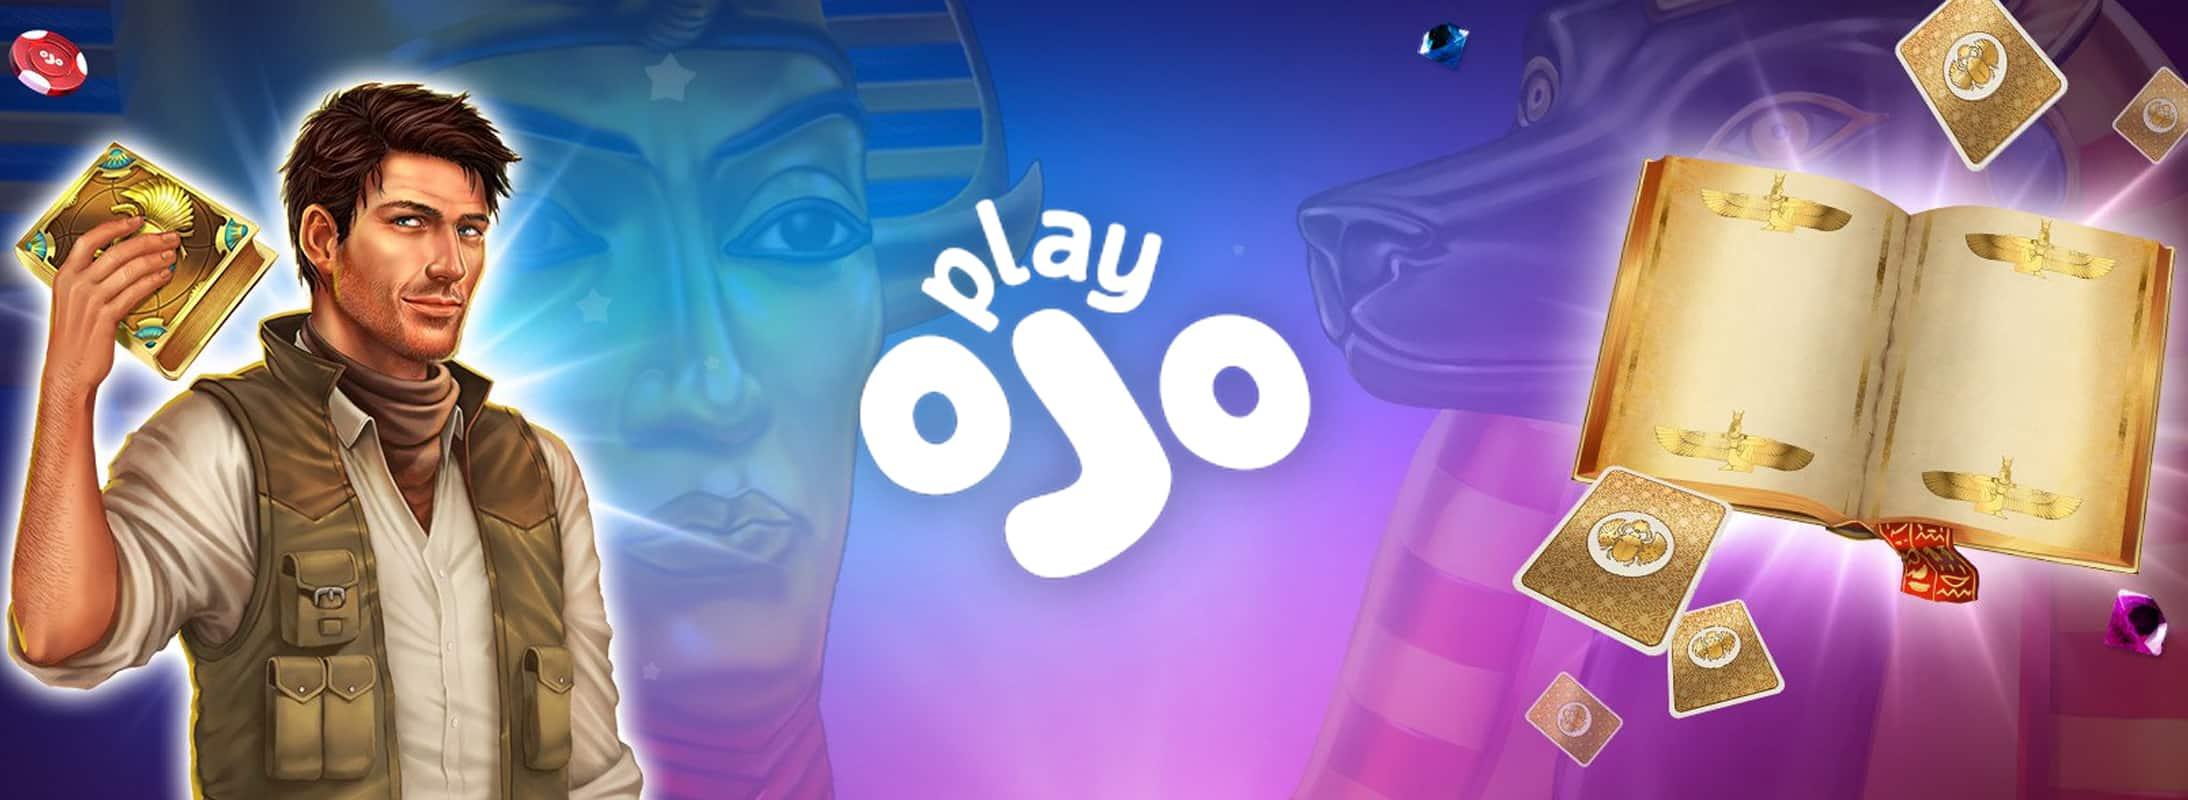 Casinonyheter – uke 37 - Norway CasinoTop Banner 03